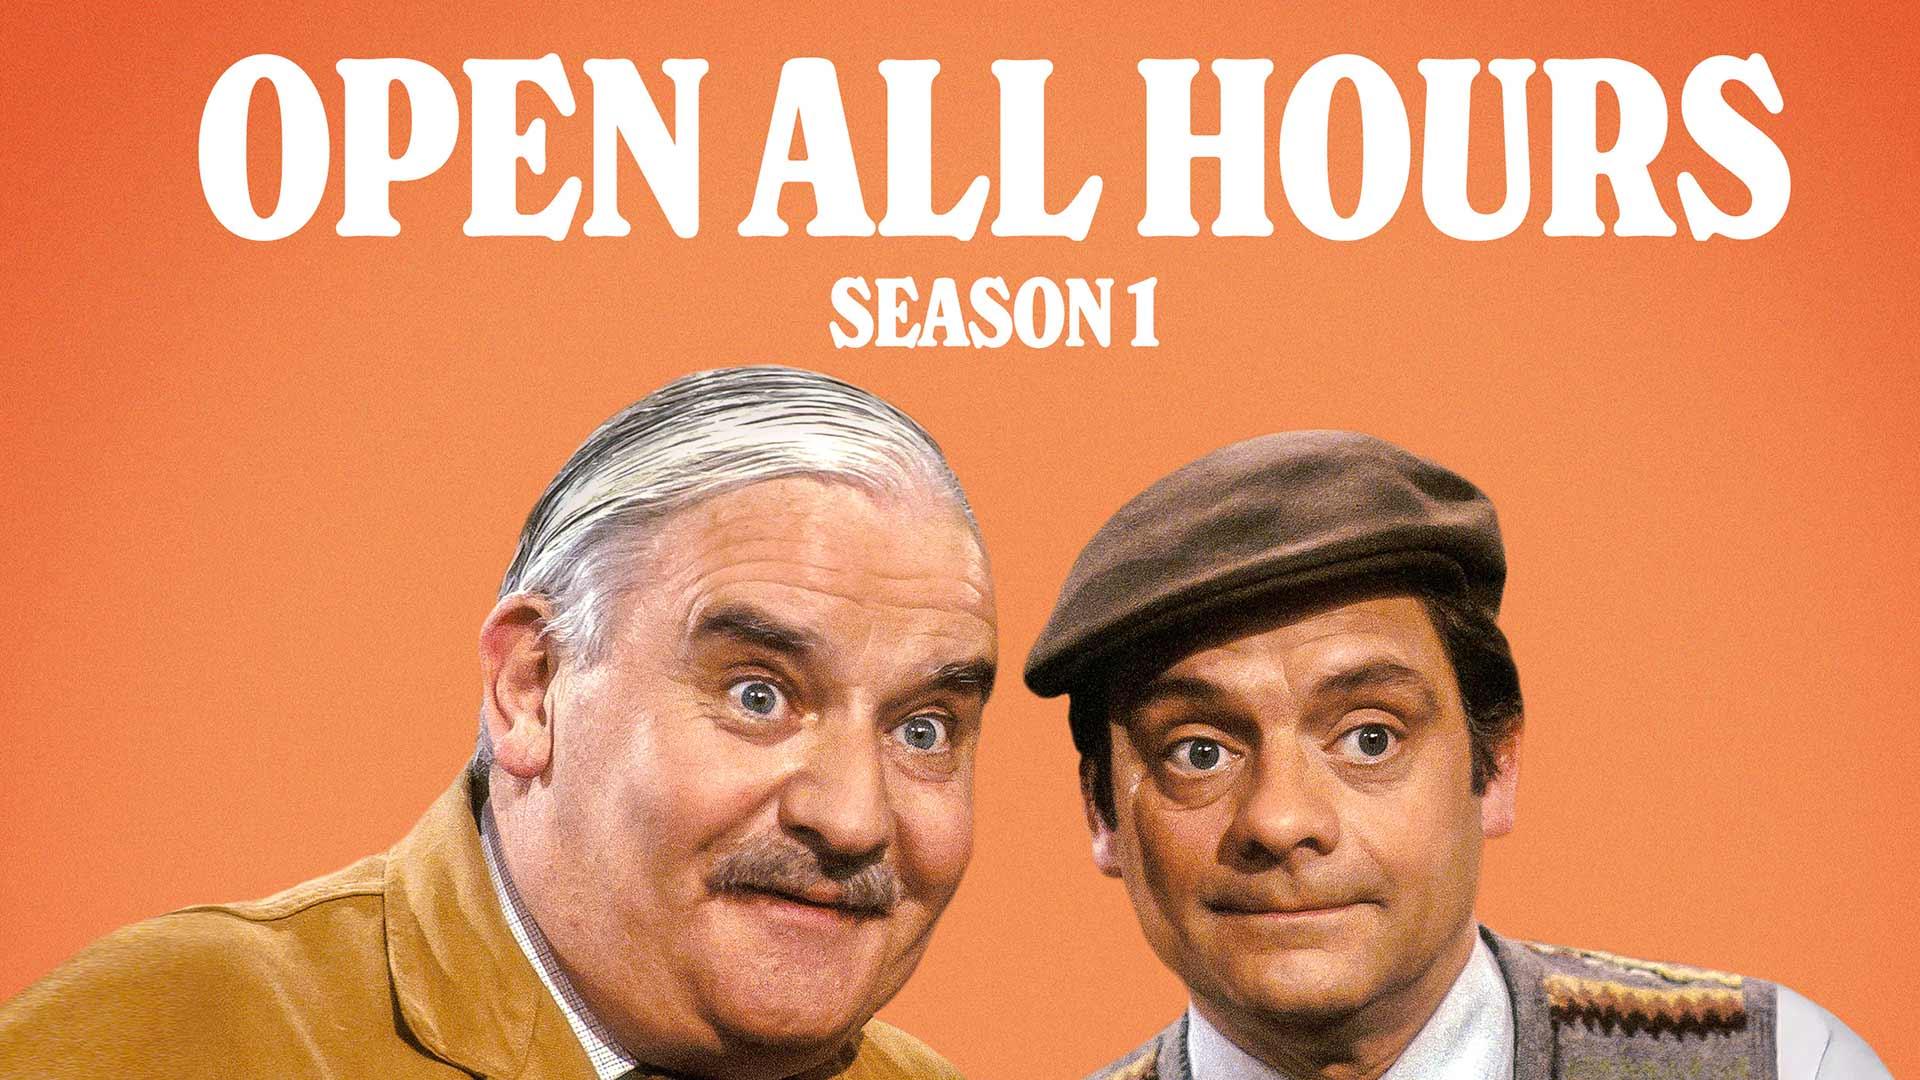 Open All Hours, Season 1